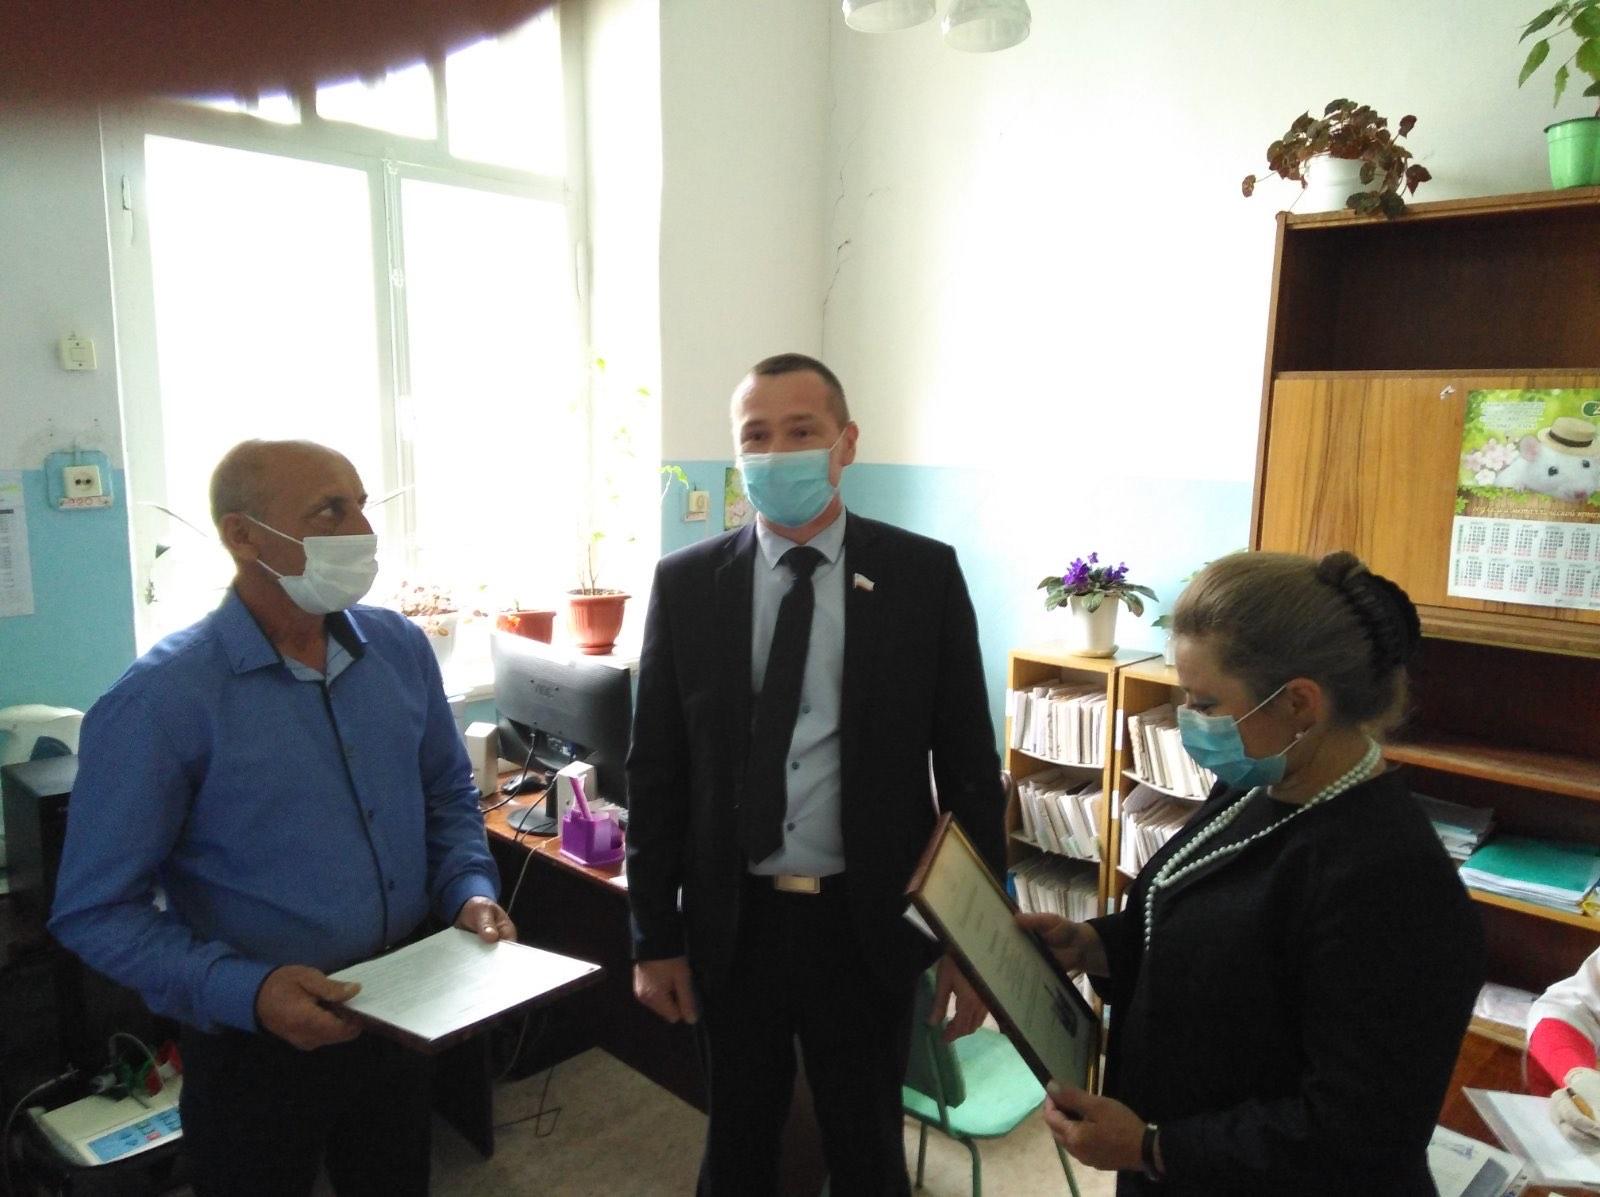 Депутат-коммунист Наиль Ханбеков встретился с медиками Базарного Карабулака